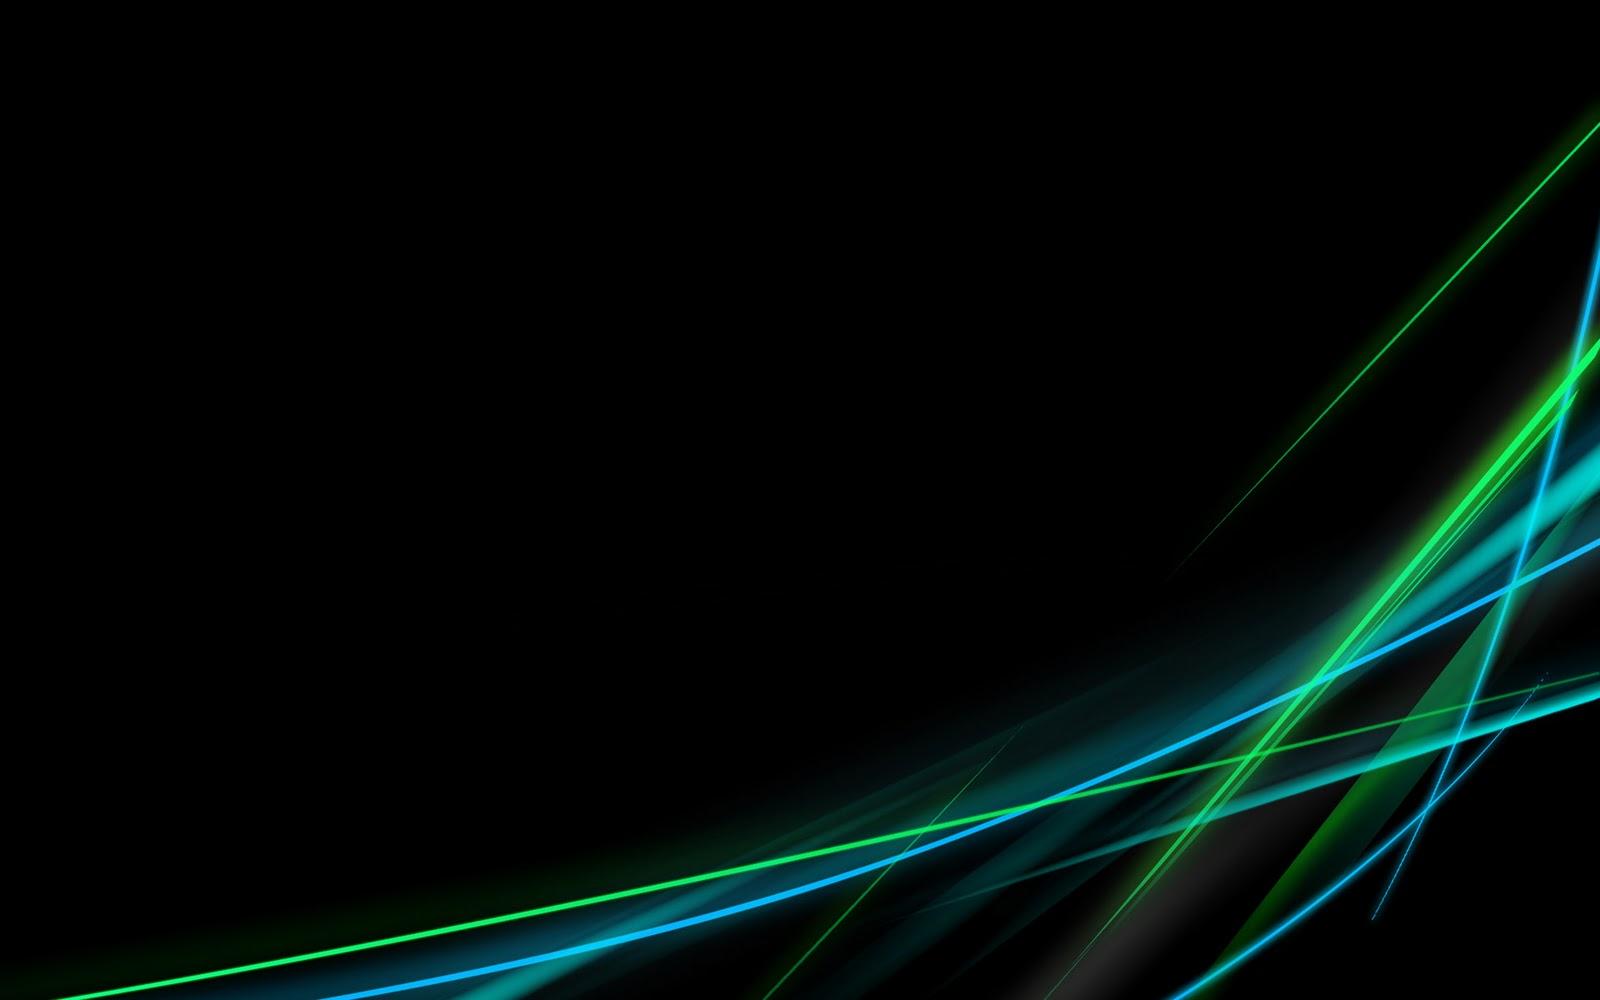 http://2.bp.blogspot.com/-REgX_xKoMbw/TWZ8zFf6kfI/AAAAAAAAAkc/vAUXxrOUOeA/s1600/Vista+Wallpaper+%252829%2529.jpg